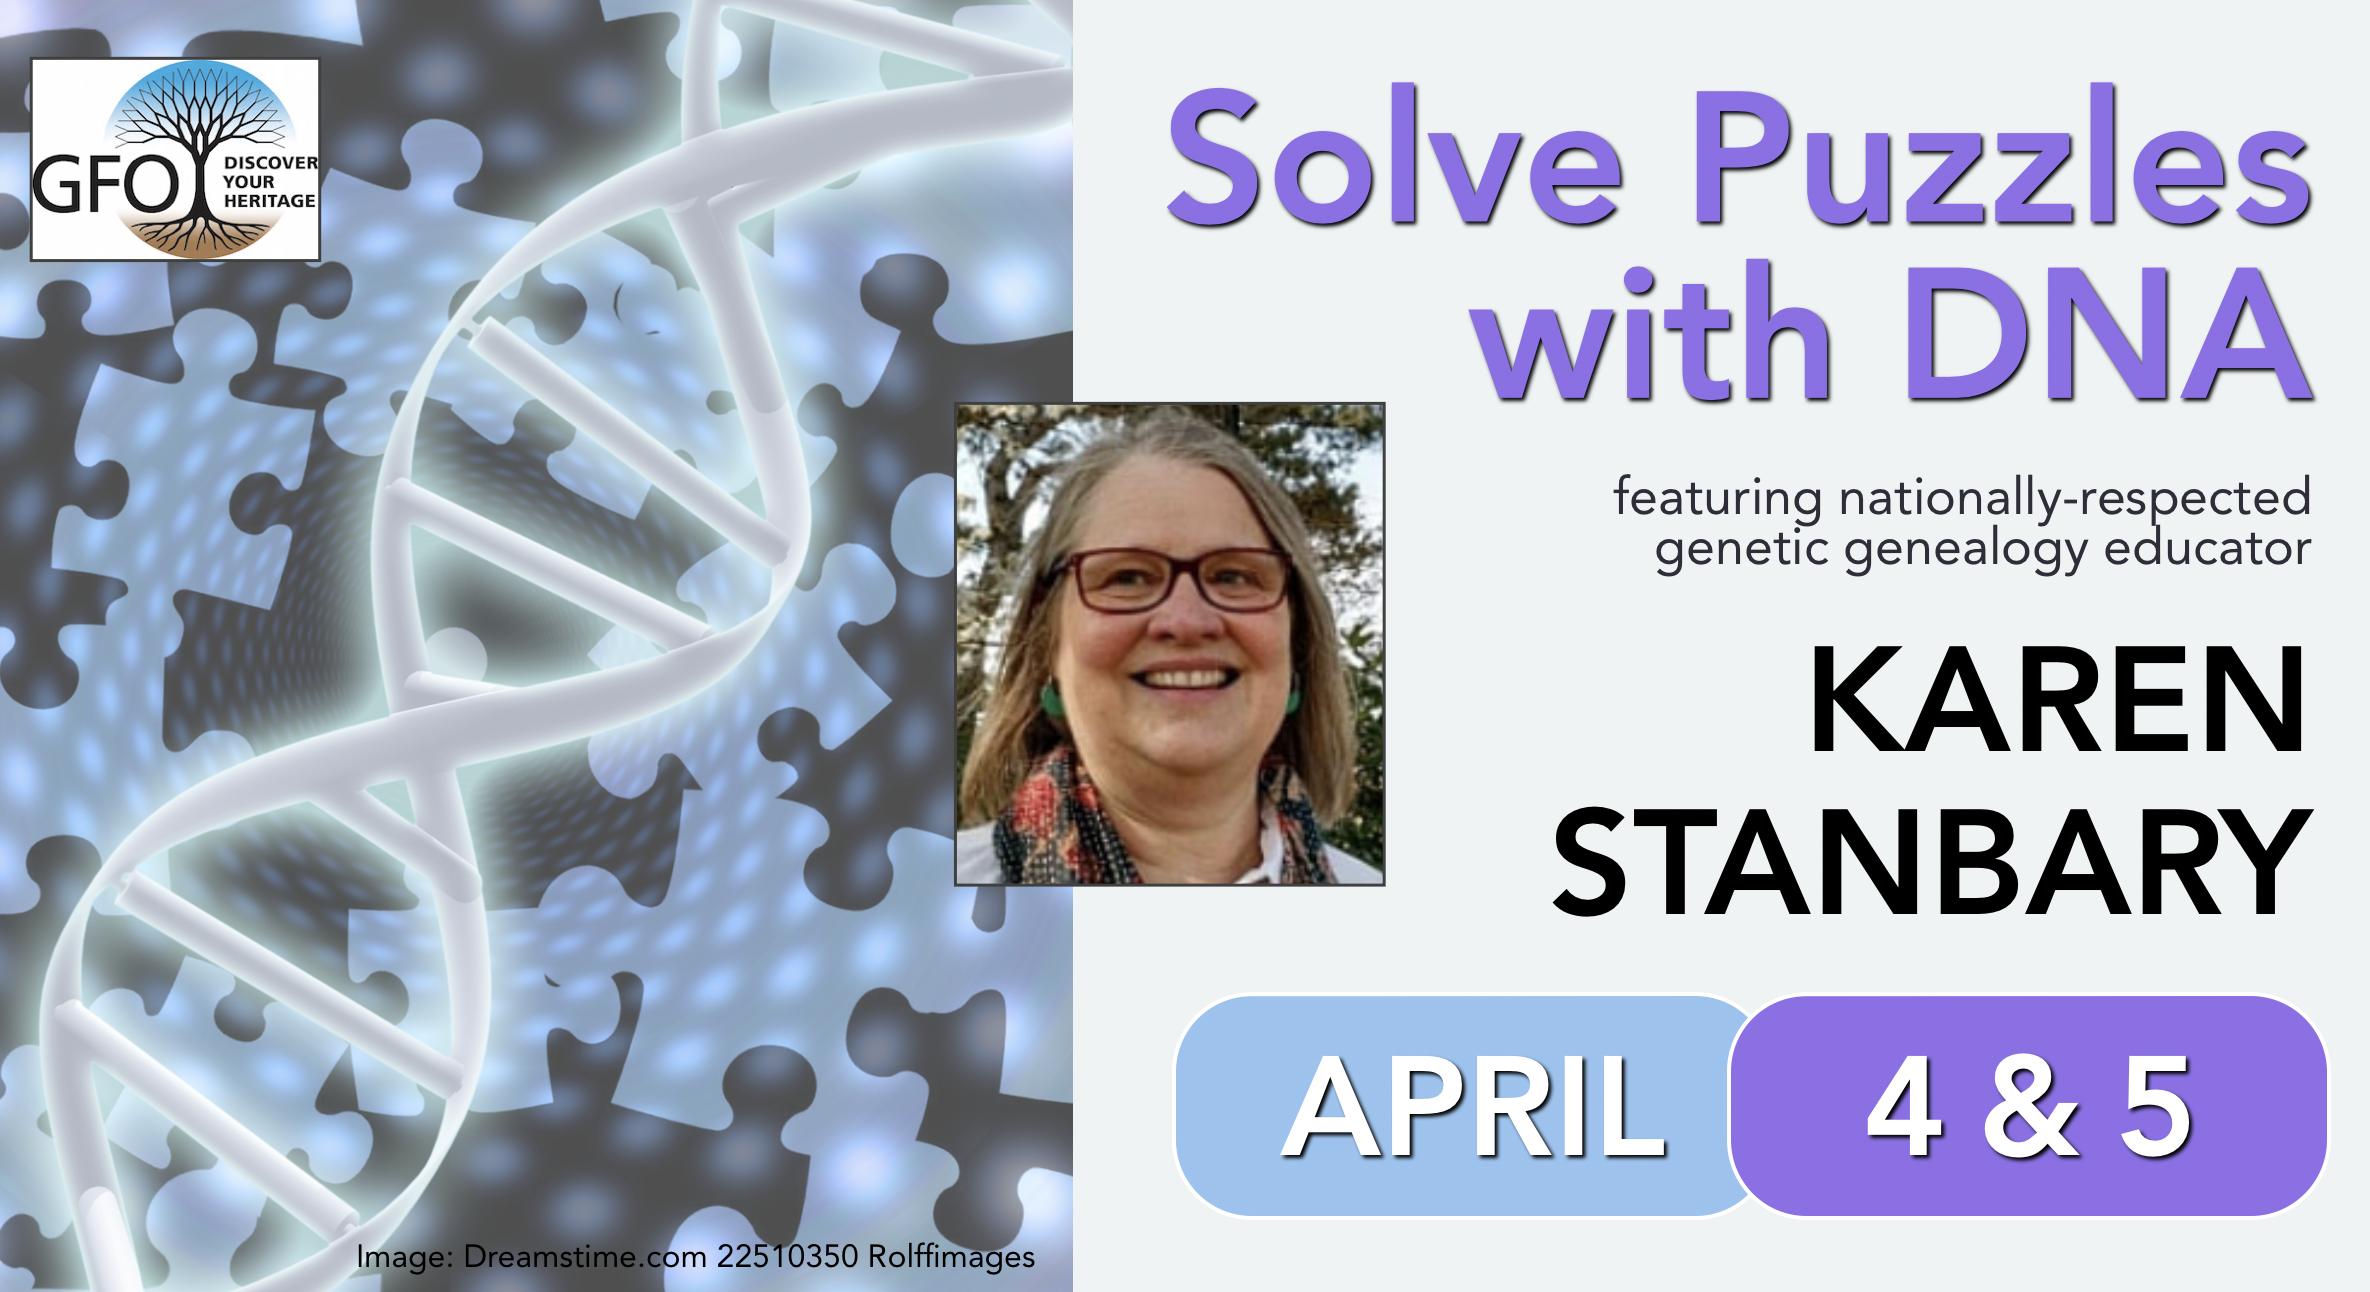 Spring Seminar with Karen Stanbary